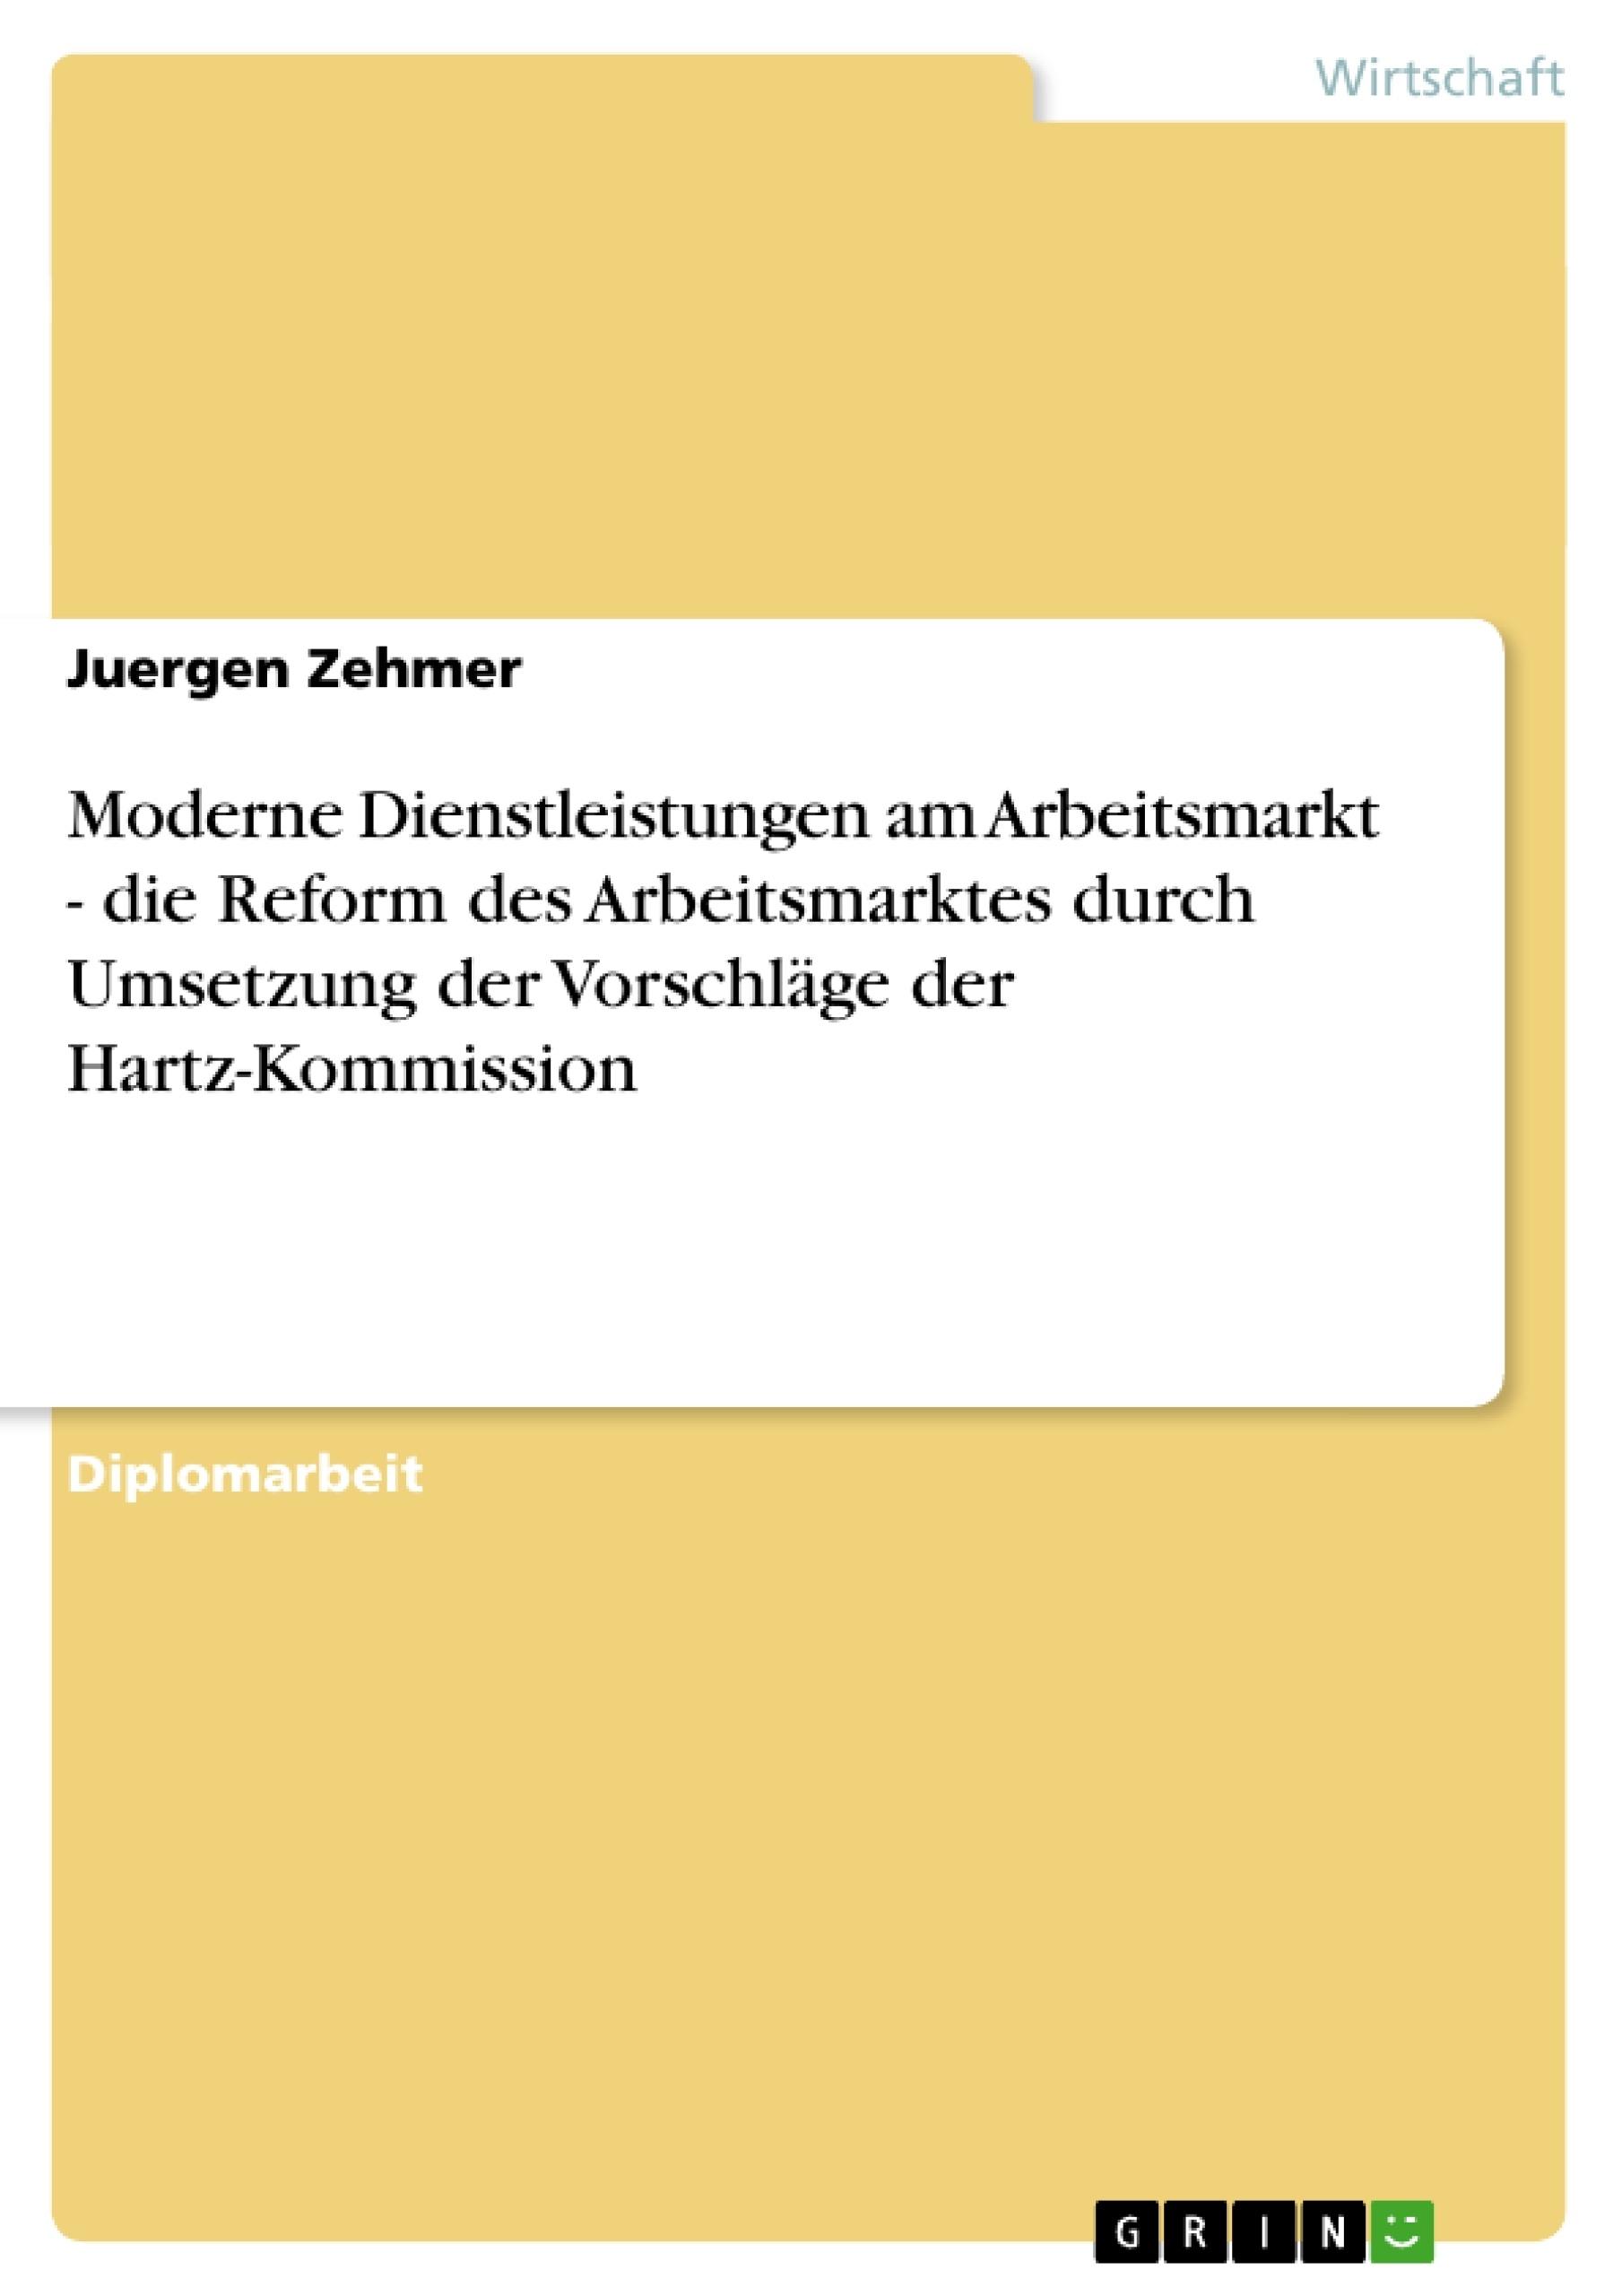 Titel: Moderne Dienstleistungen am Arbeitsmarkt - die Reform des Arbeitsmarktes durch Umsetzung der Vorschläge der Hartz-Kommission